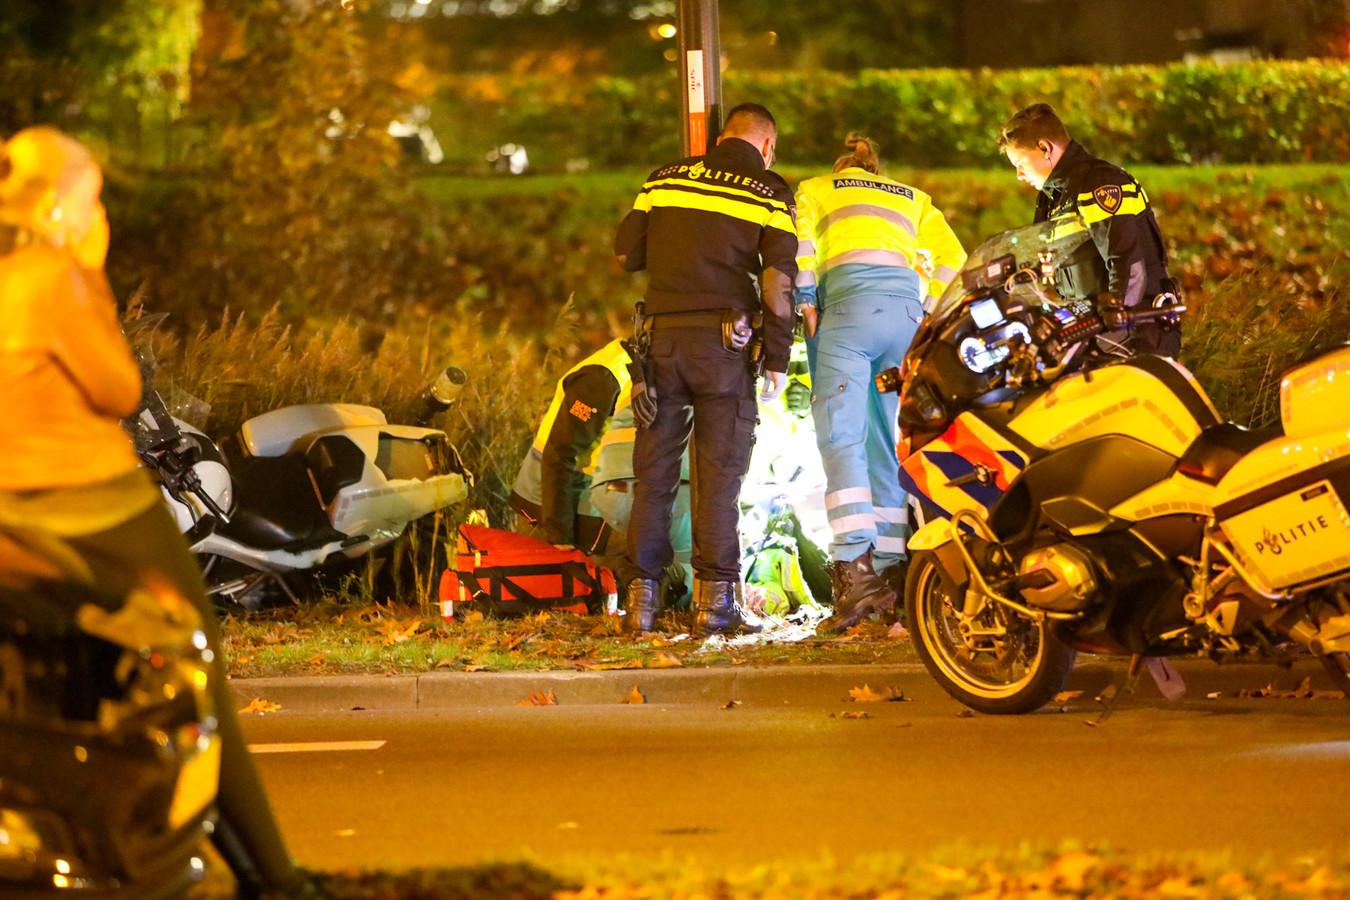 Ambulancepersoneel verleent eerste hulp aan de aangereden motoragent.